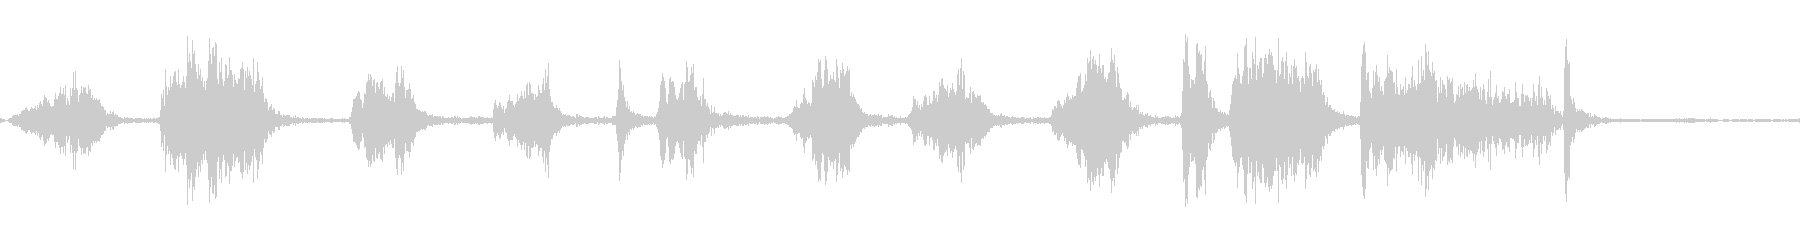 カートランスミッションマニュアル;...の未再生の波形